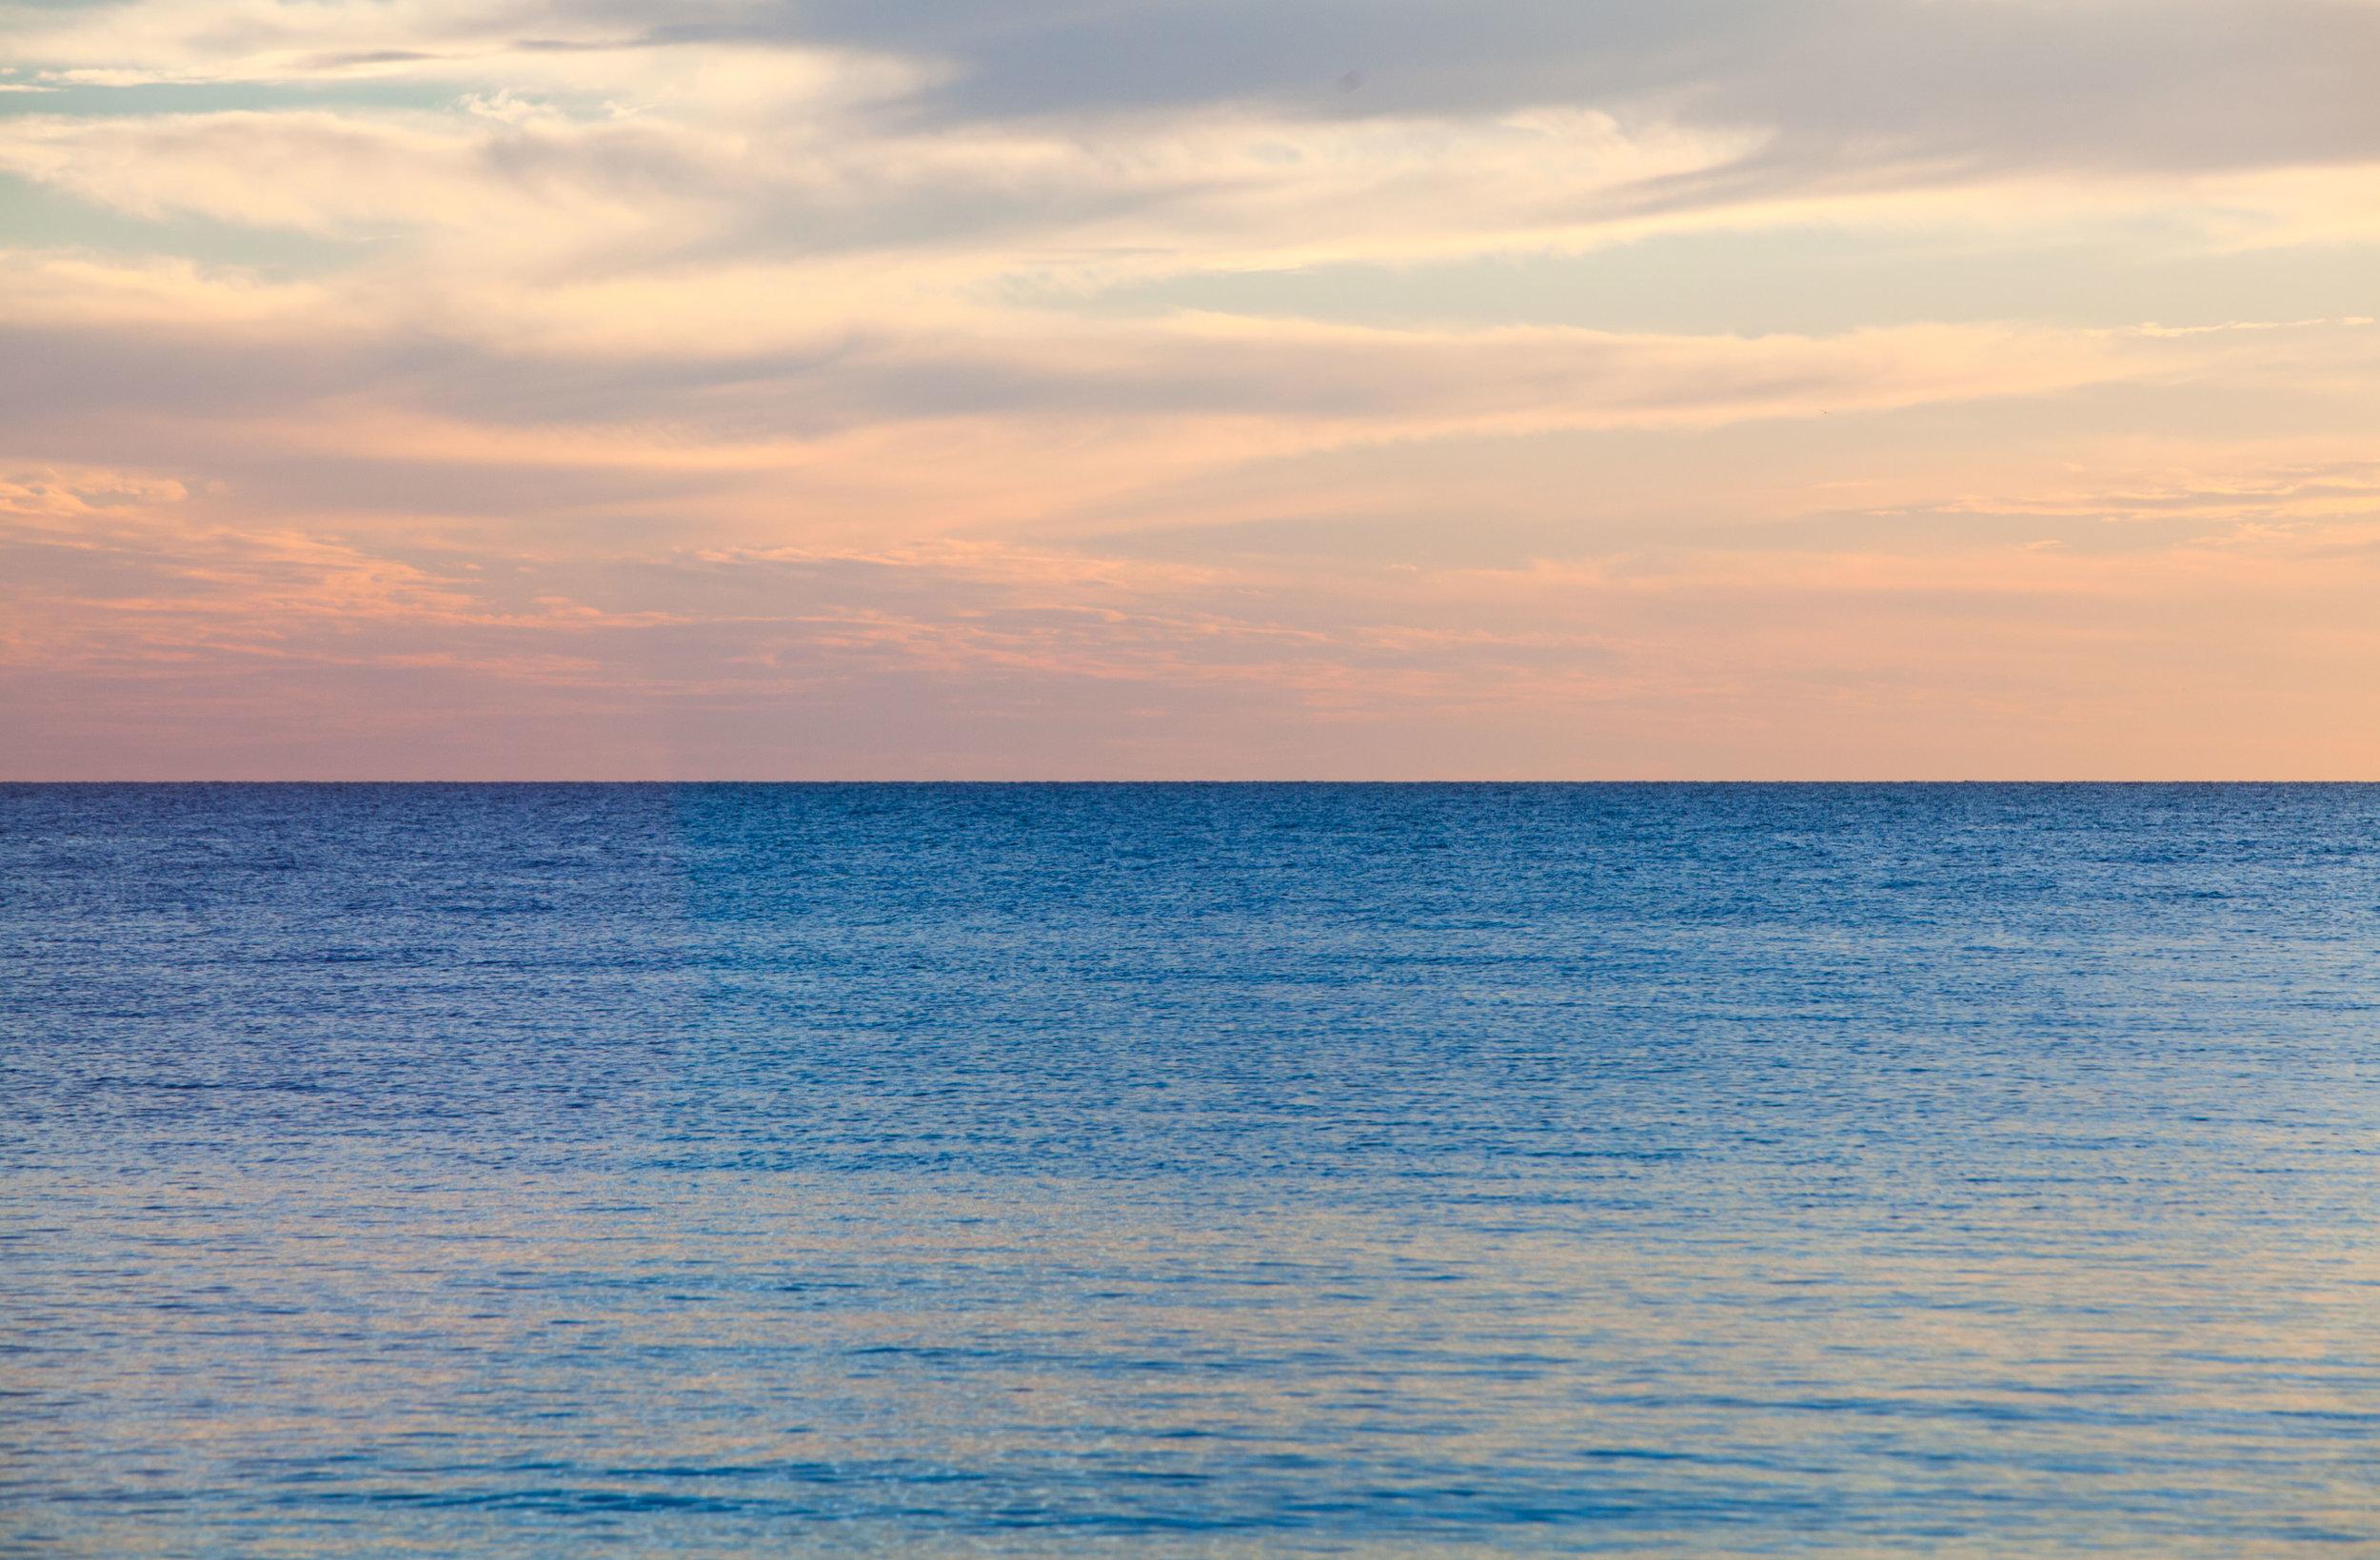 preface-ocean-20131025-3018-smugmug.jpg